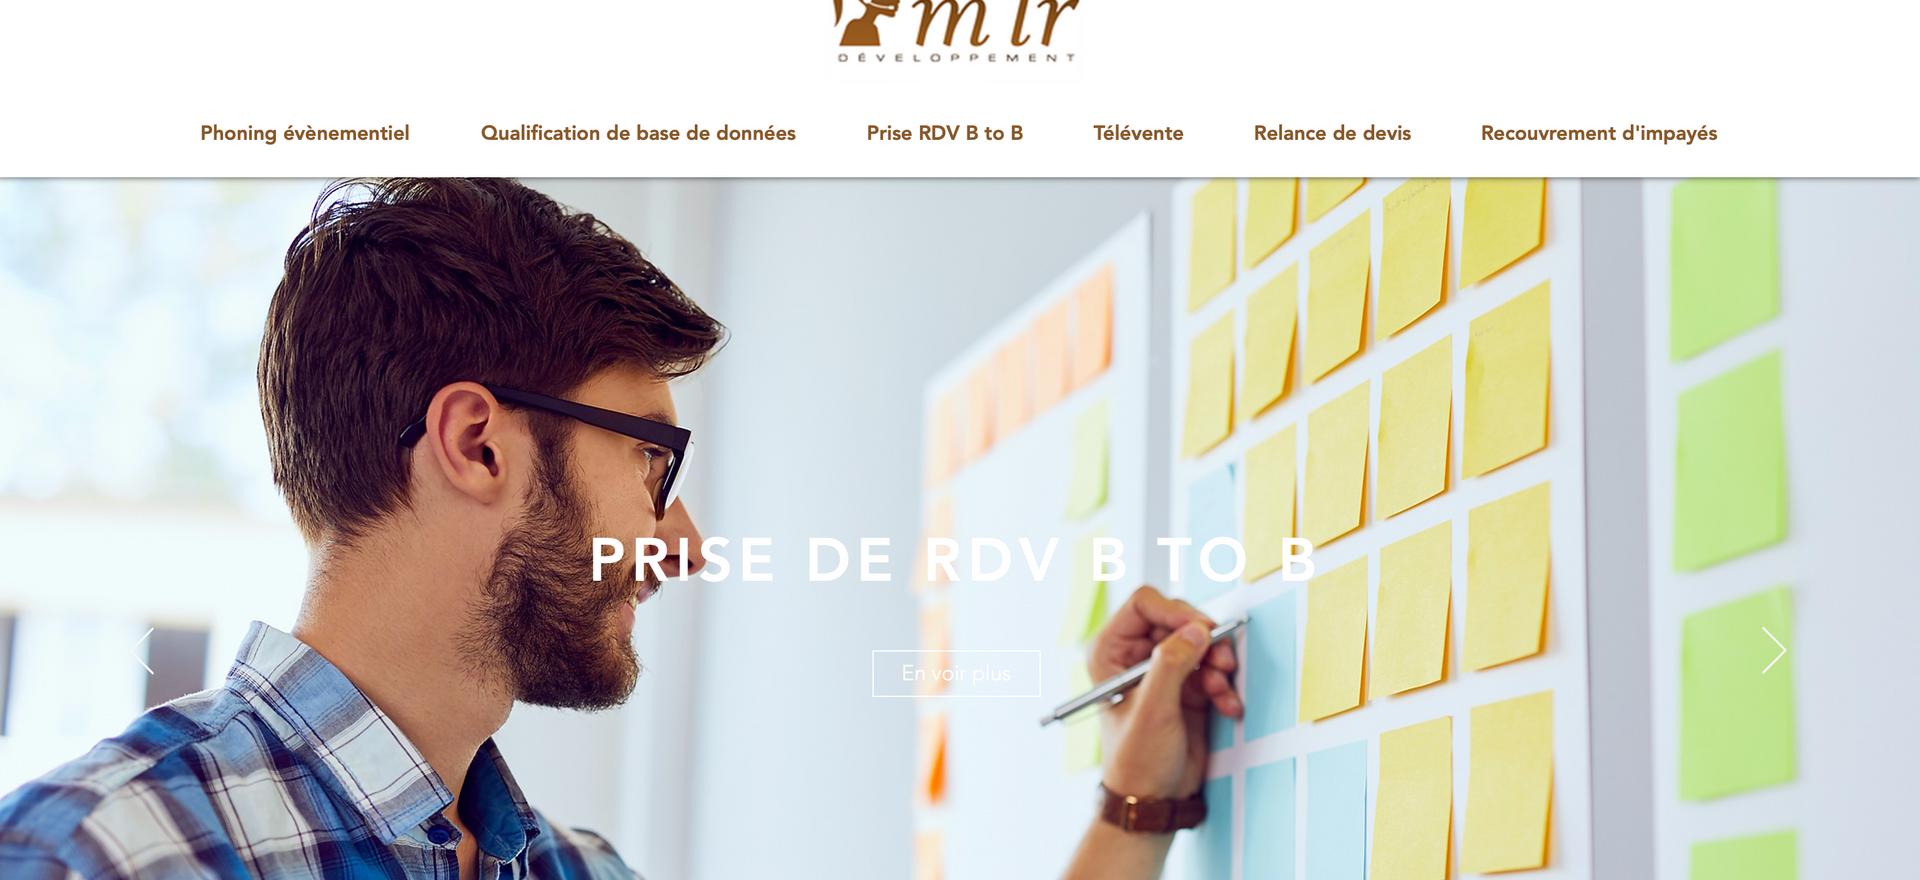 Sitr M'lr Développement I Centre d'Appel Lyon